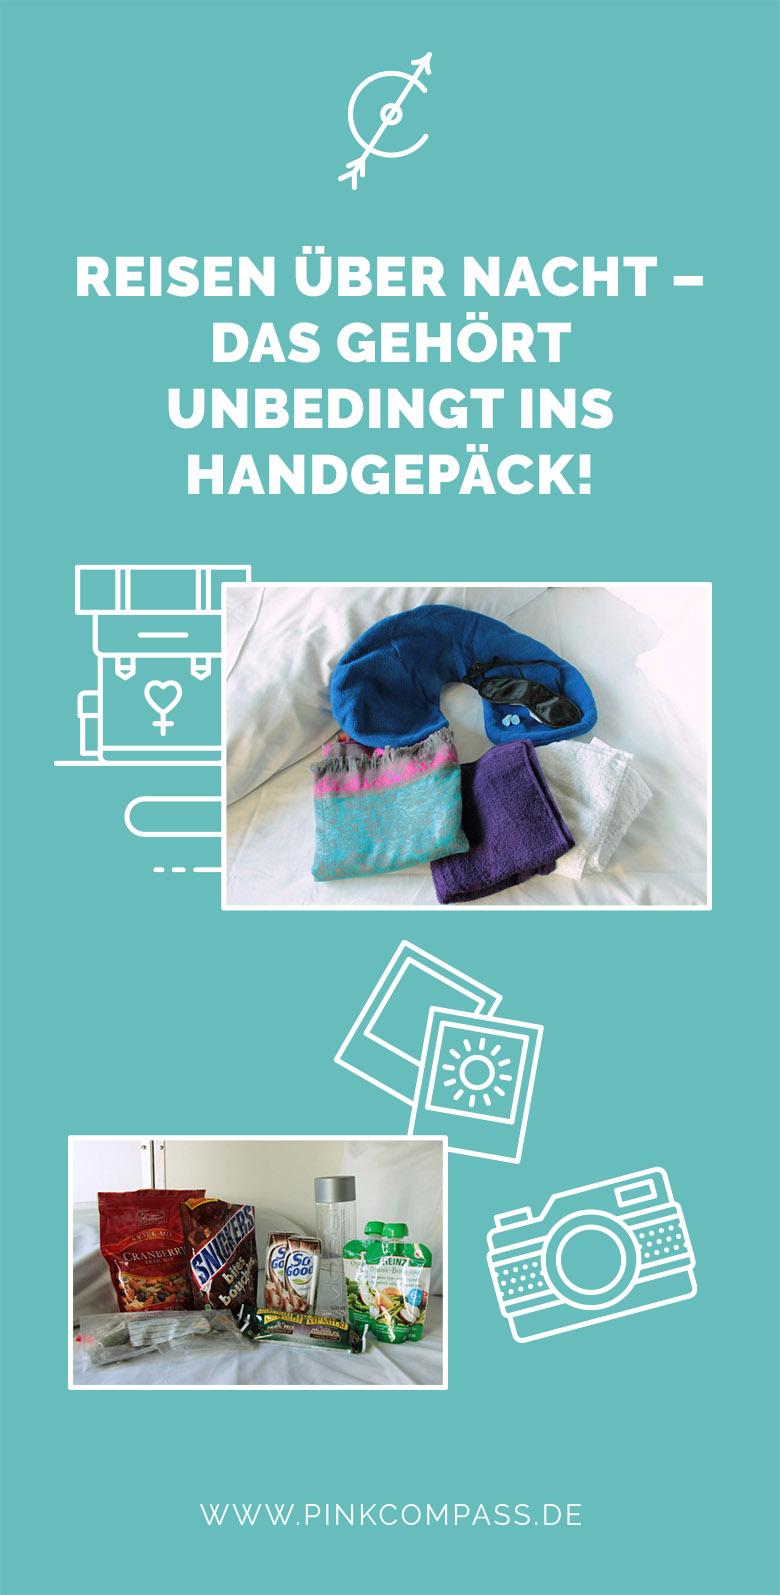 Diese Sachen solltest Du unbedingt im Handgepäck haben, wenn Du über Nacht reist